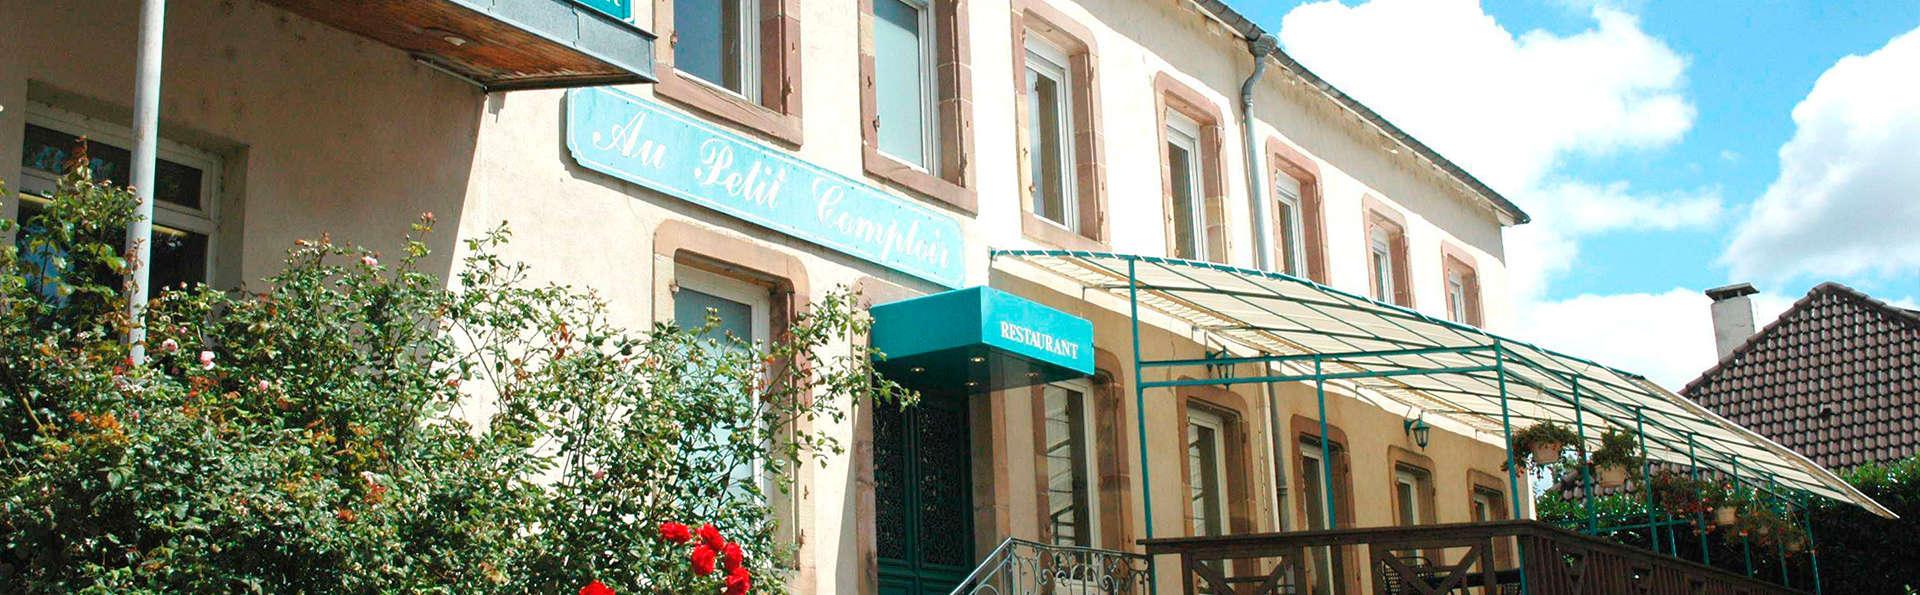 Hôtel Les Pages - EDIT_front2.jpg